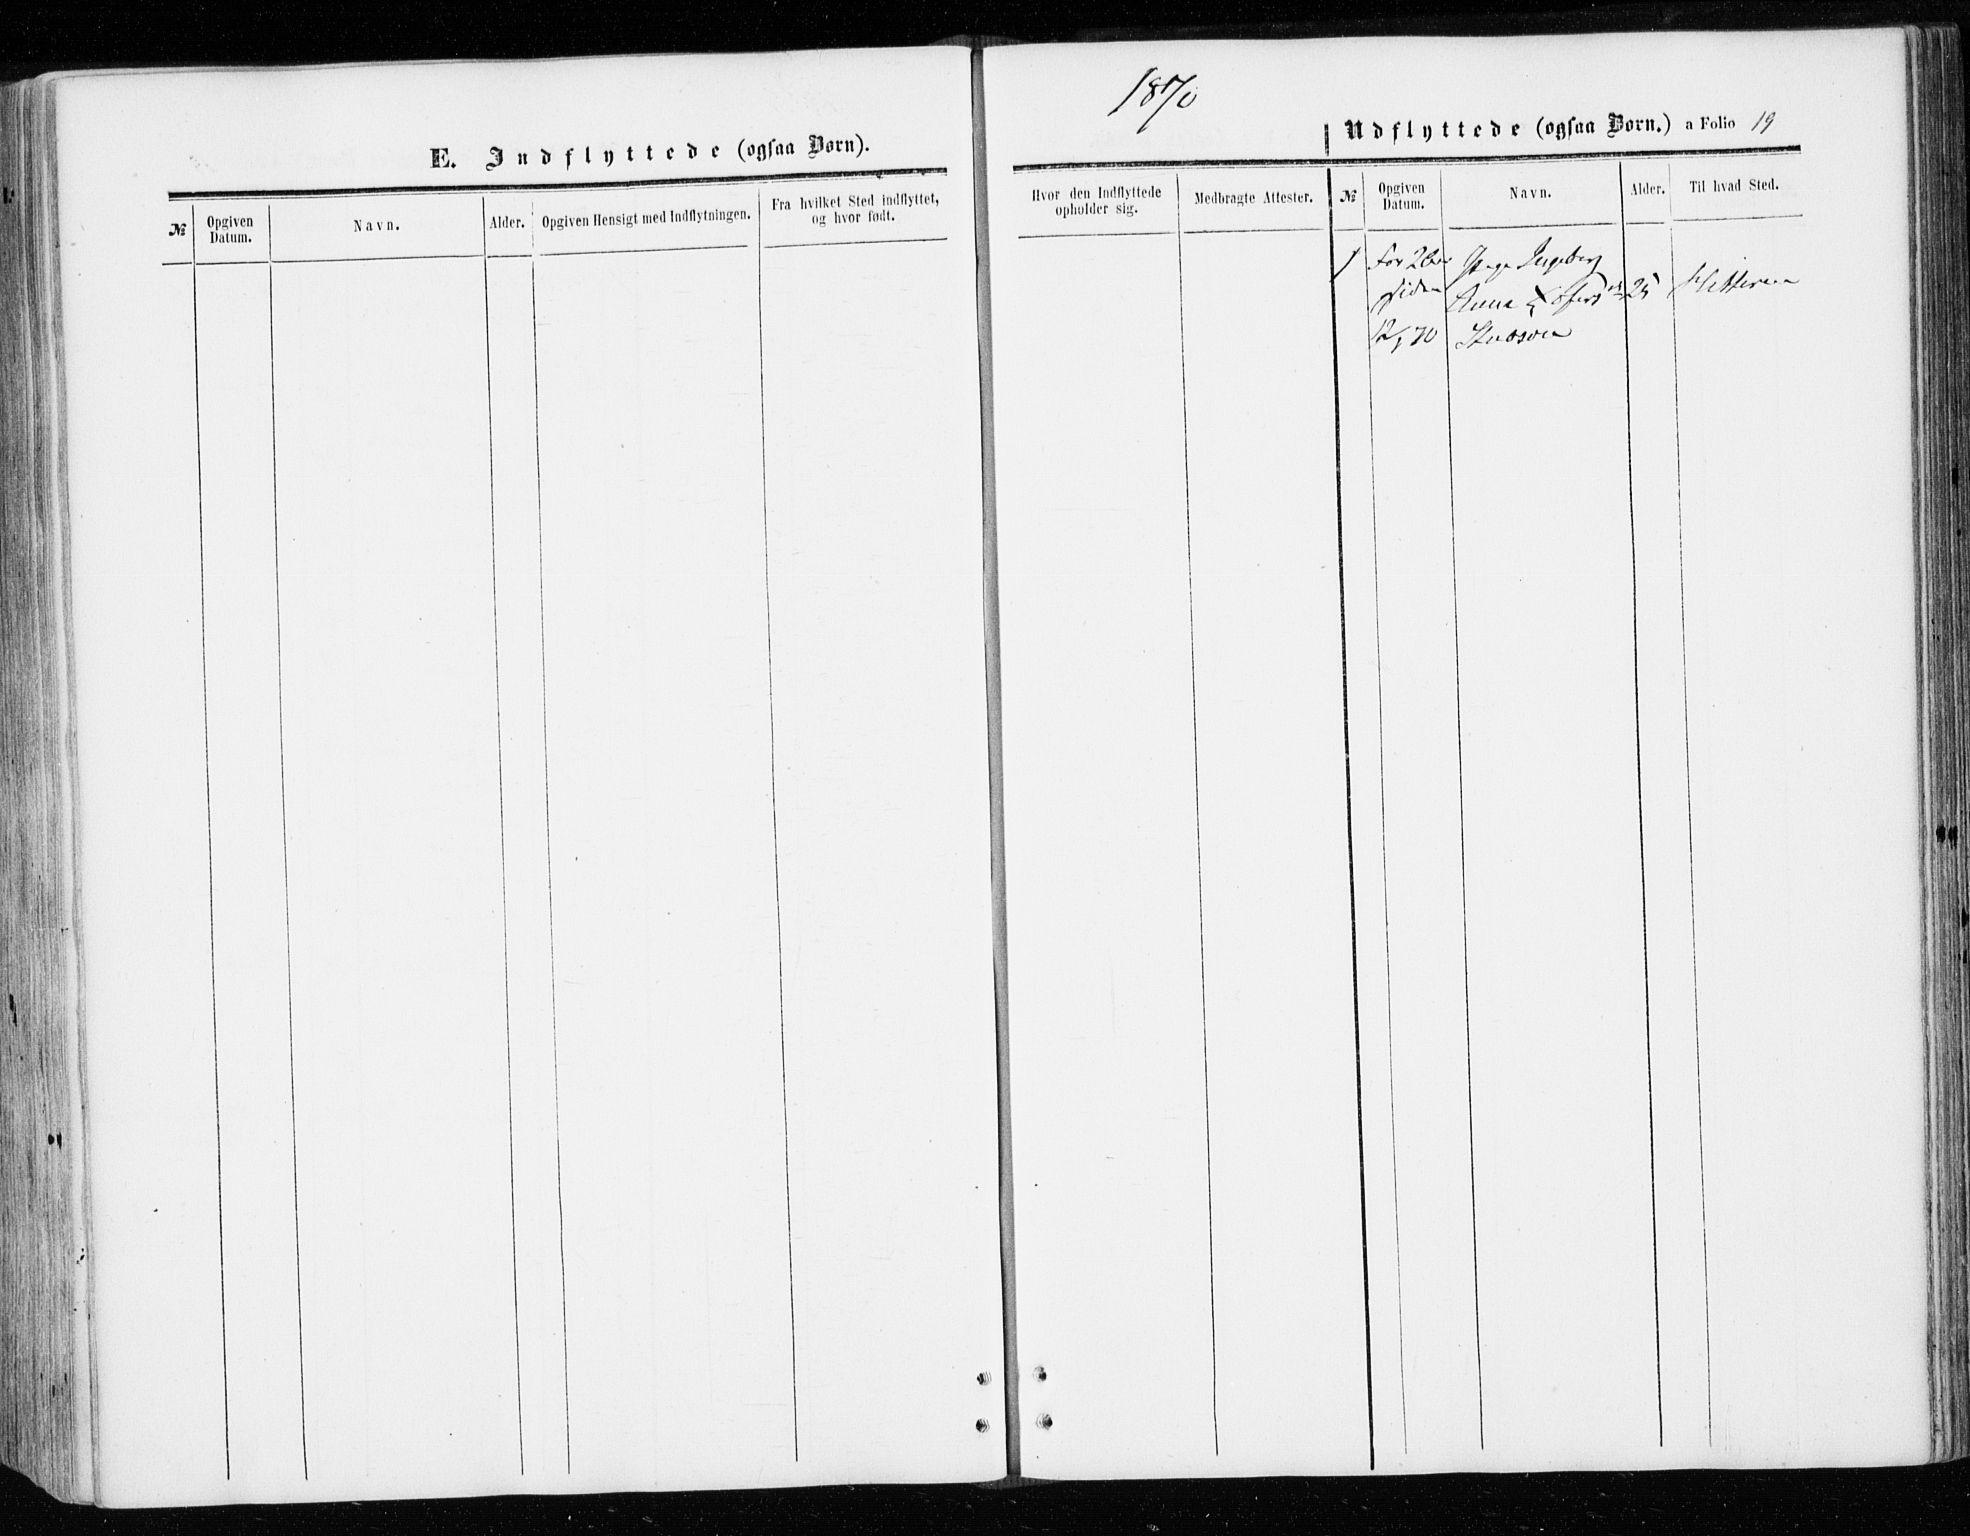 SAT, Ministerialprotokoller, klokkerbøker og fødselsregistre - Sør-Trøndelag, 646/L0612: Ministerialbok nr. 646A10, 1858-1869, s. 19